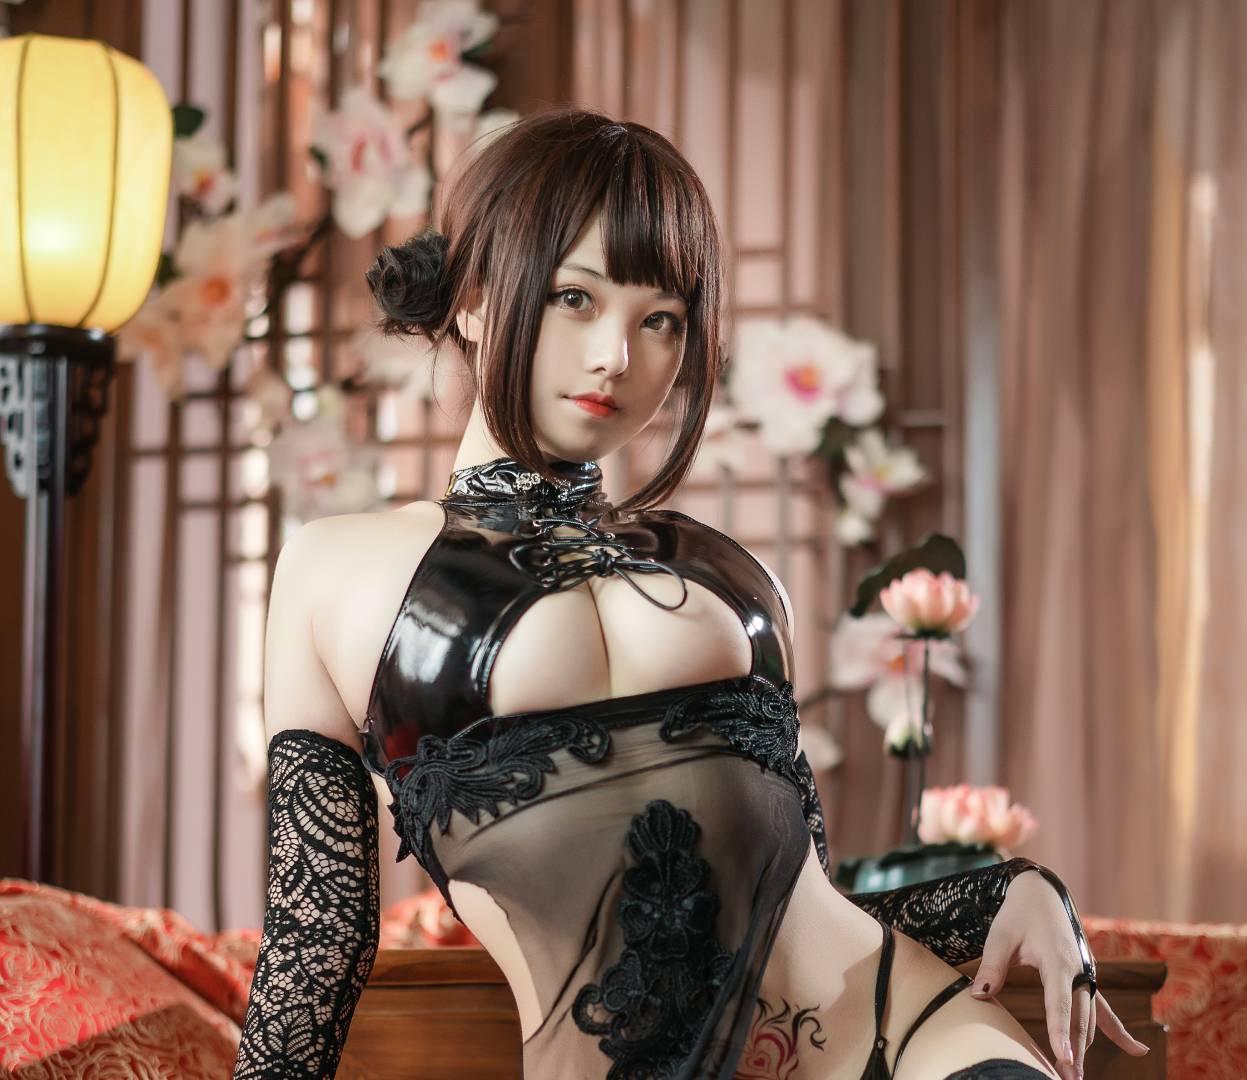 蜜汁猫裘-黑纱旗袍 [50P+784MB]